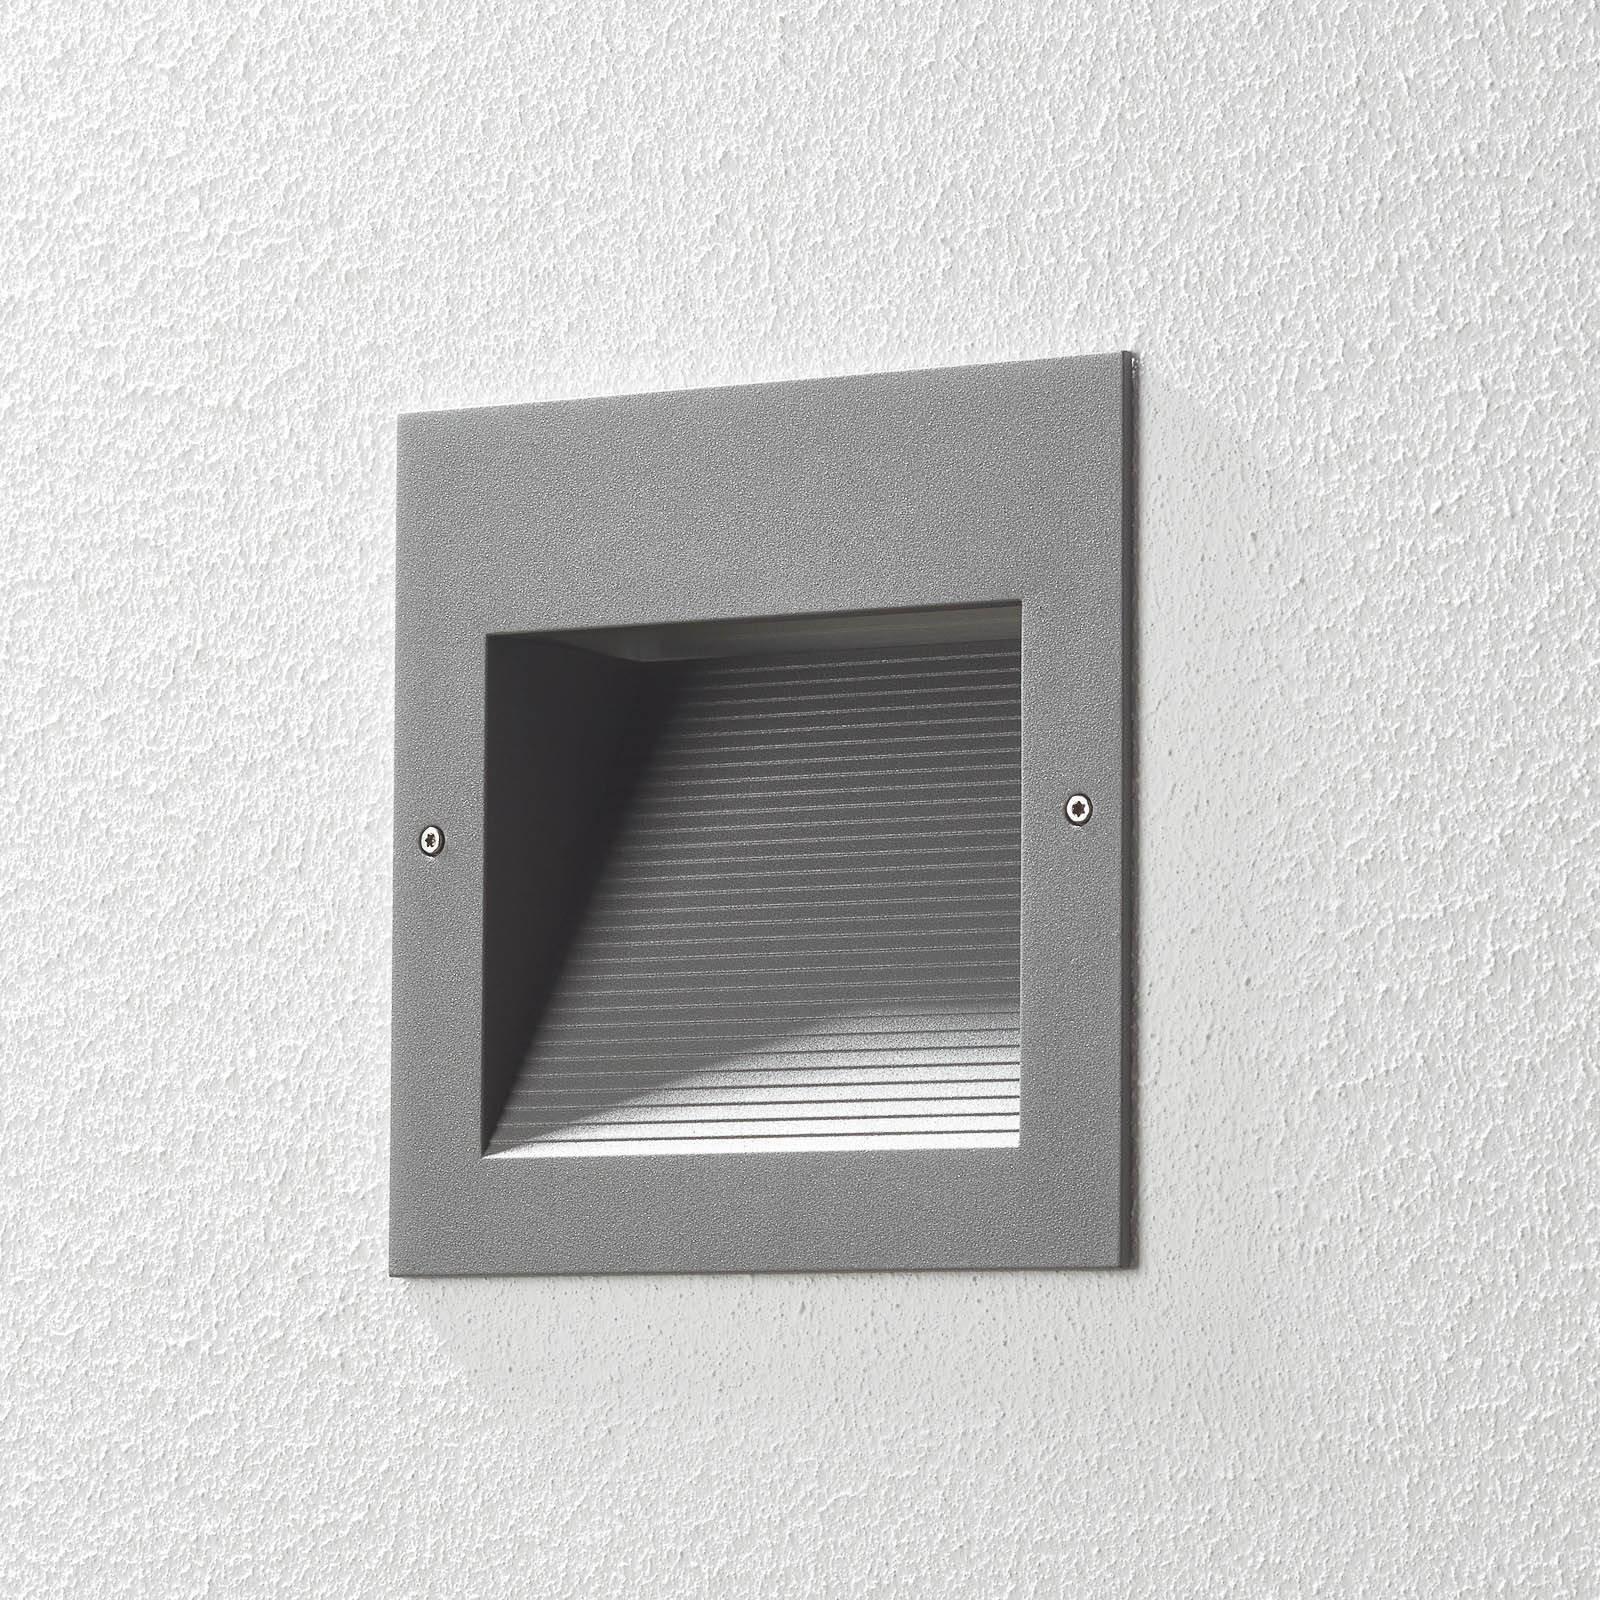 BEGA 24203 LED-veggmontering 3 000 K dimbar sølv